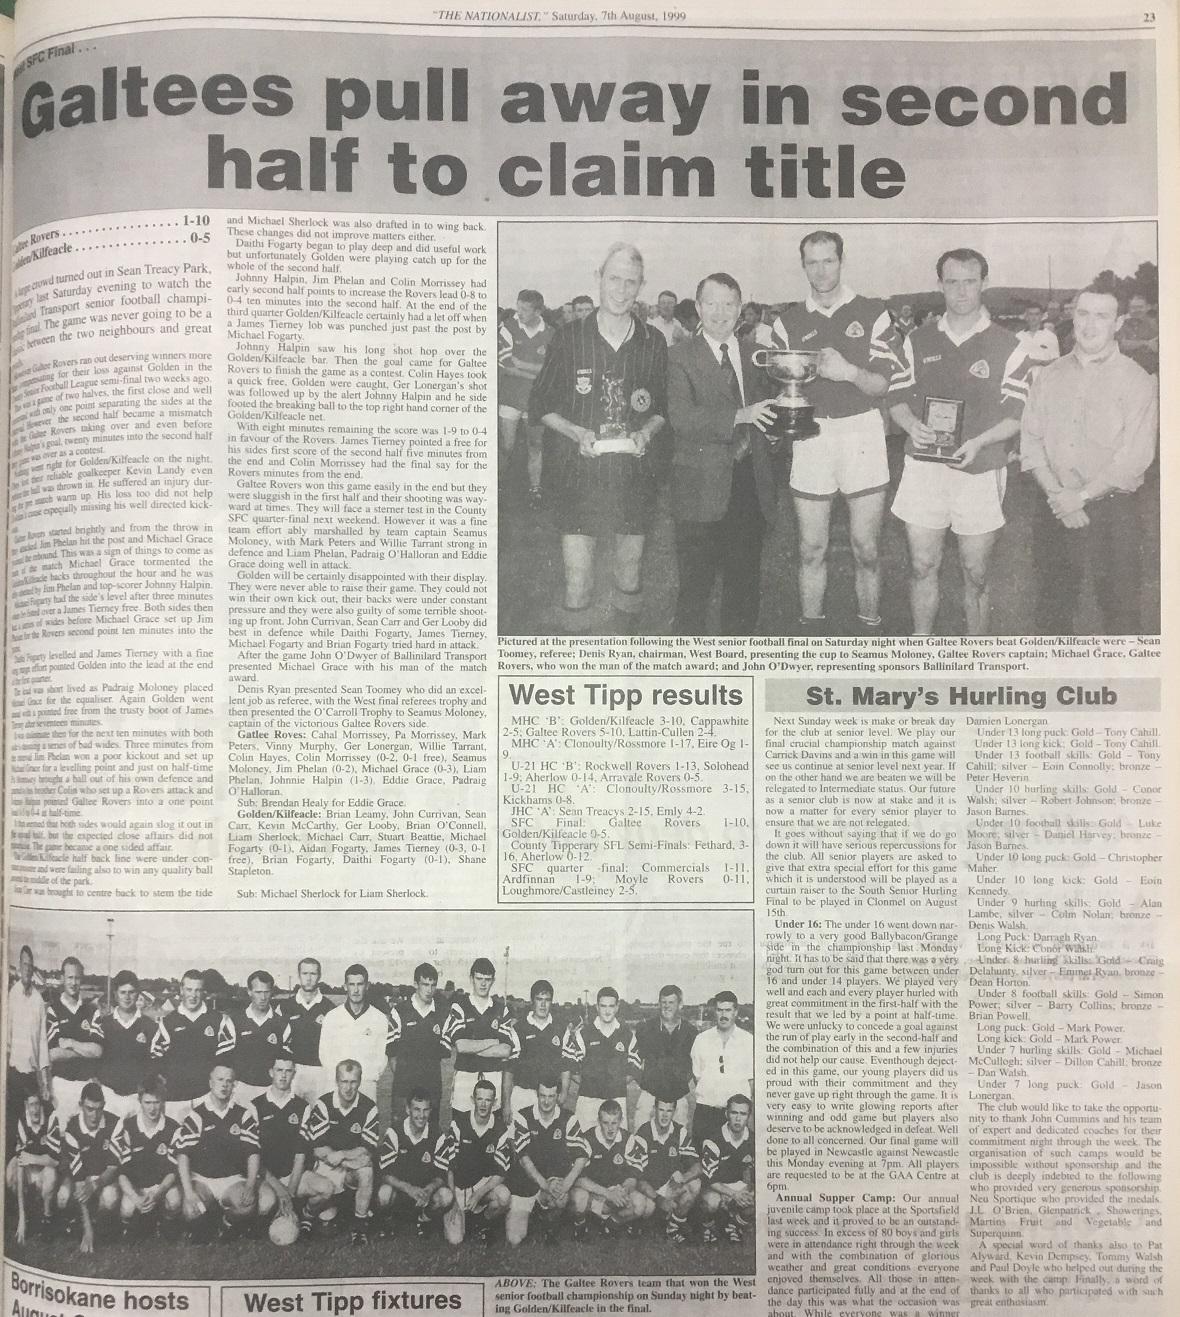 1999 West football final